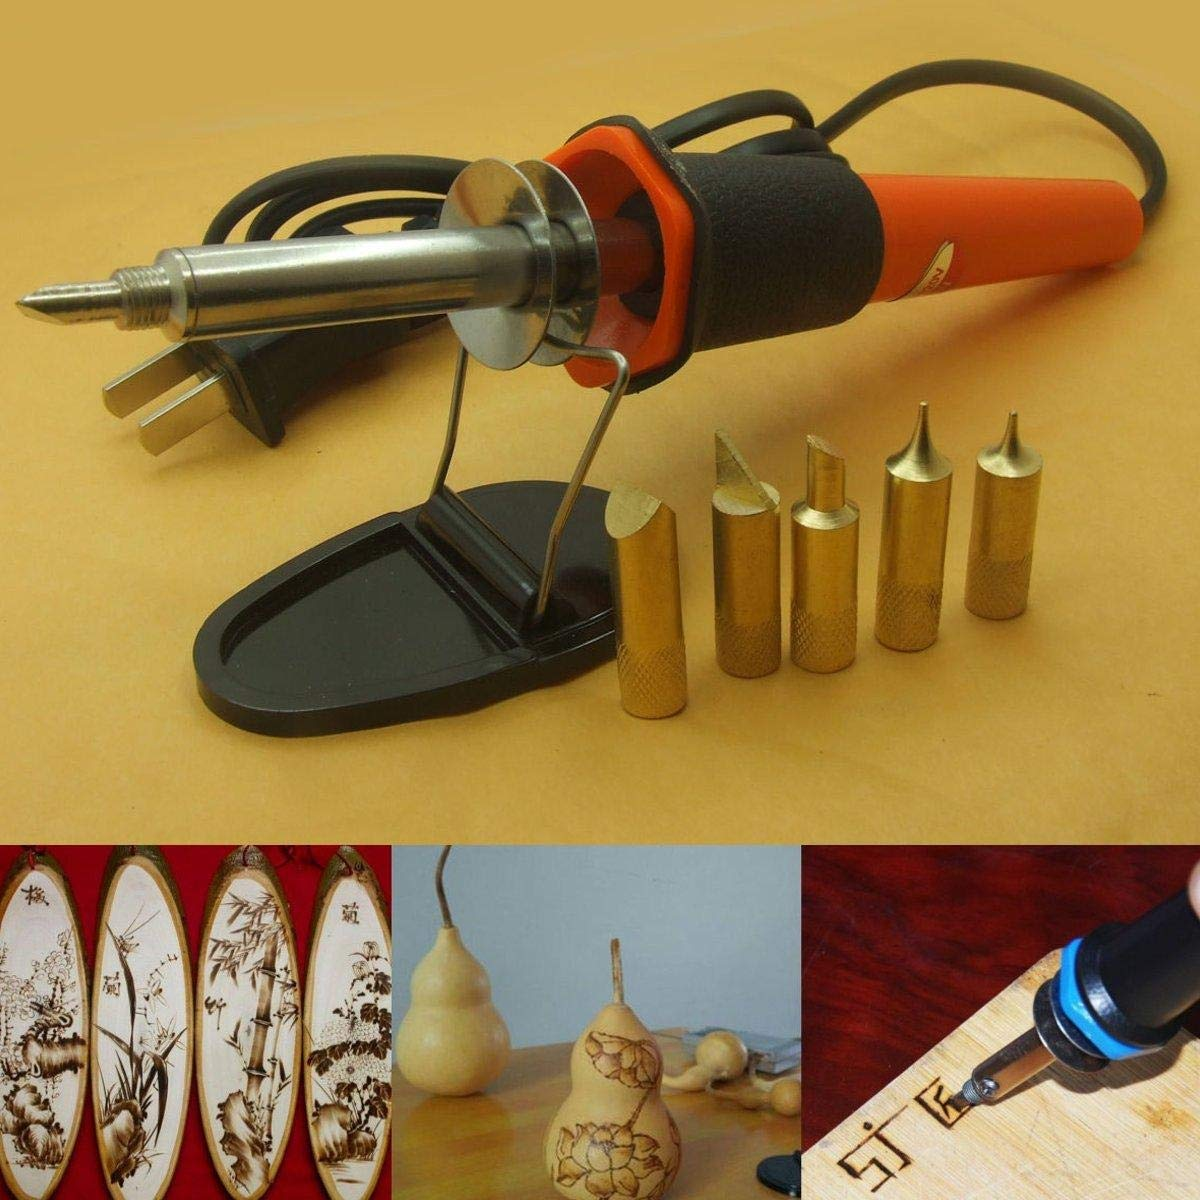 Wood Burning Pen Con 5 puntas AC 110V 30W Grabado de madera Soldadura de bol/ígrafo Soldadura Hierro Kit de pirograf/ía Herramienta